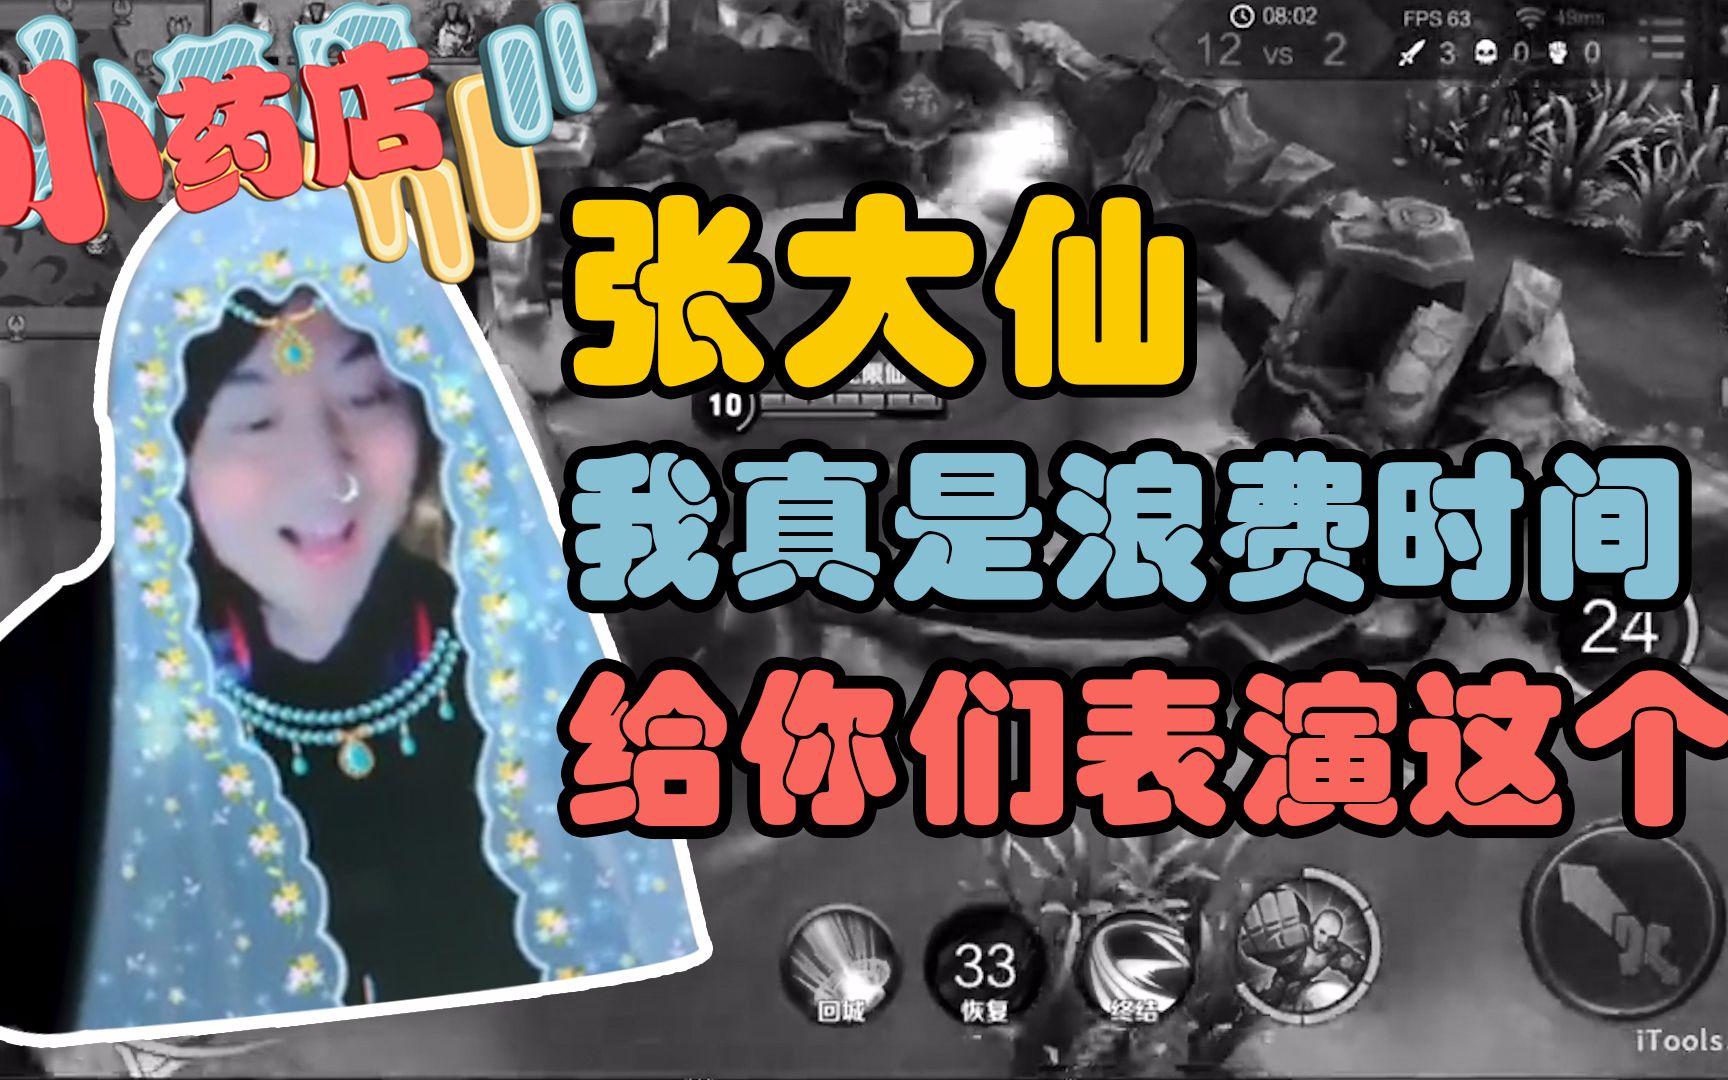 王者荣耀小药店:张大仙达摩利用bug将主宰踢出龙坑,结局没想到图片